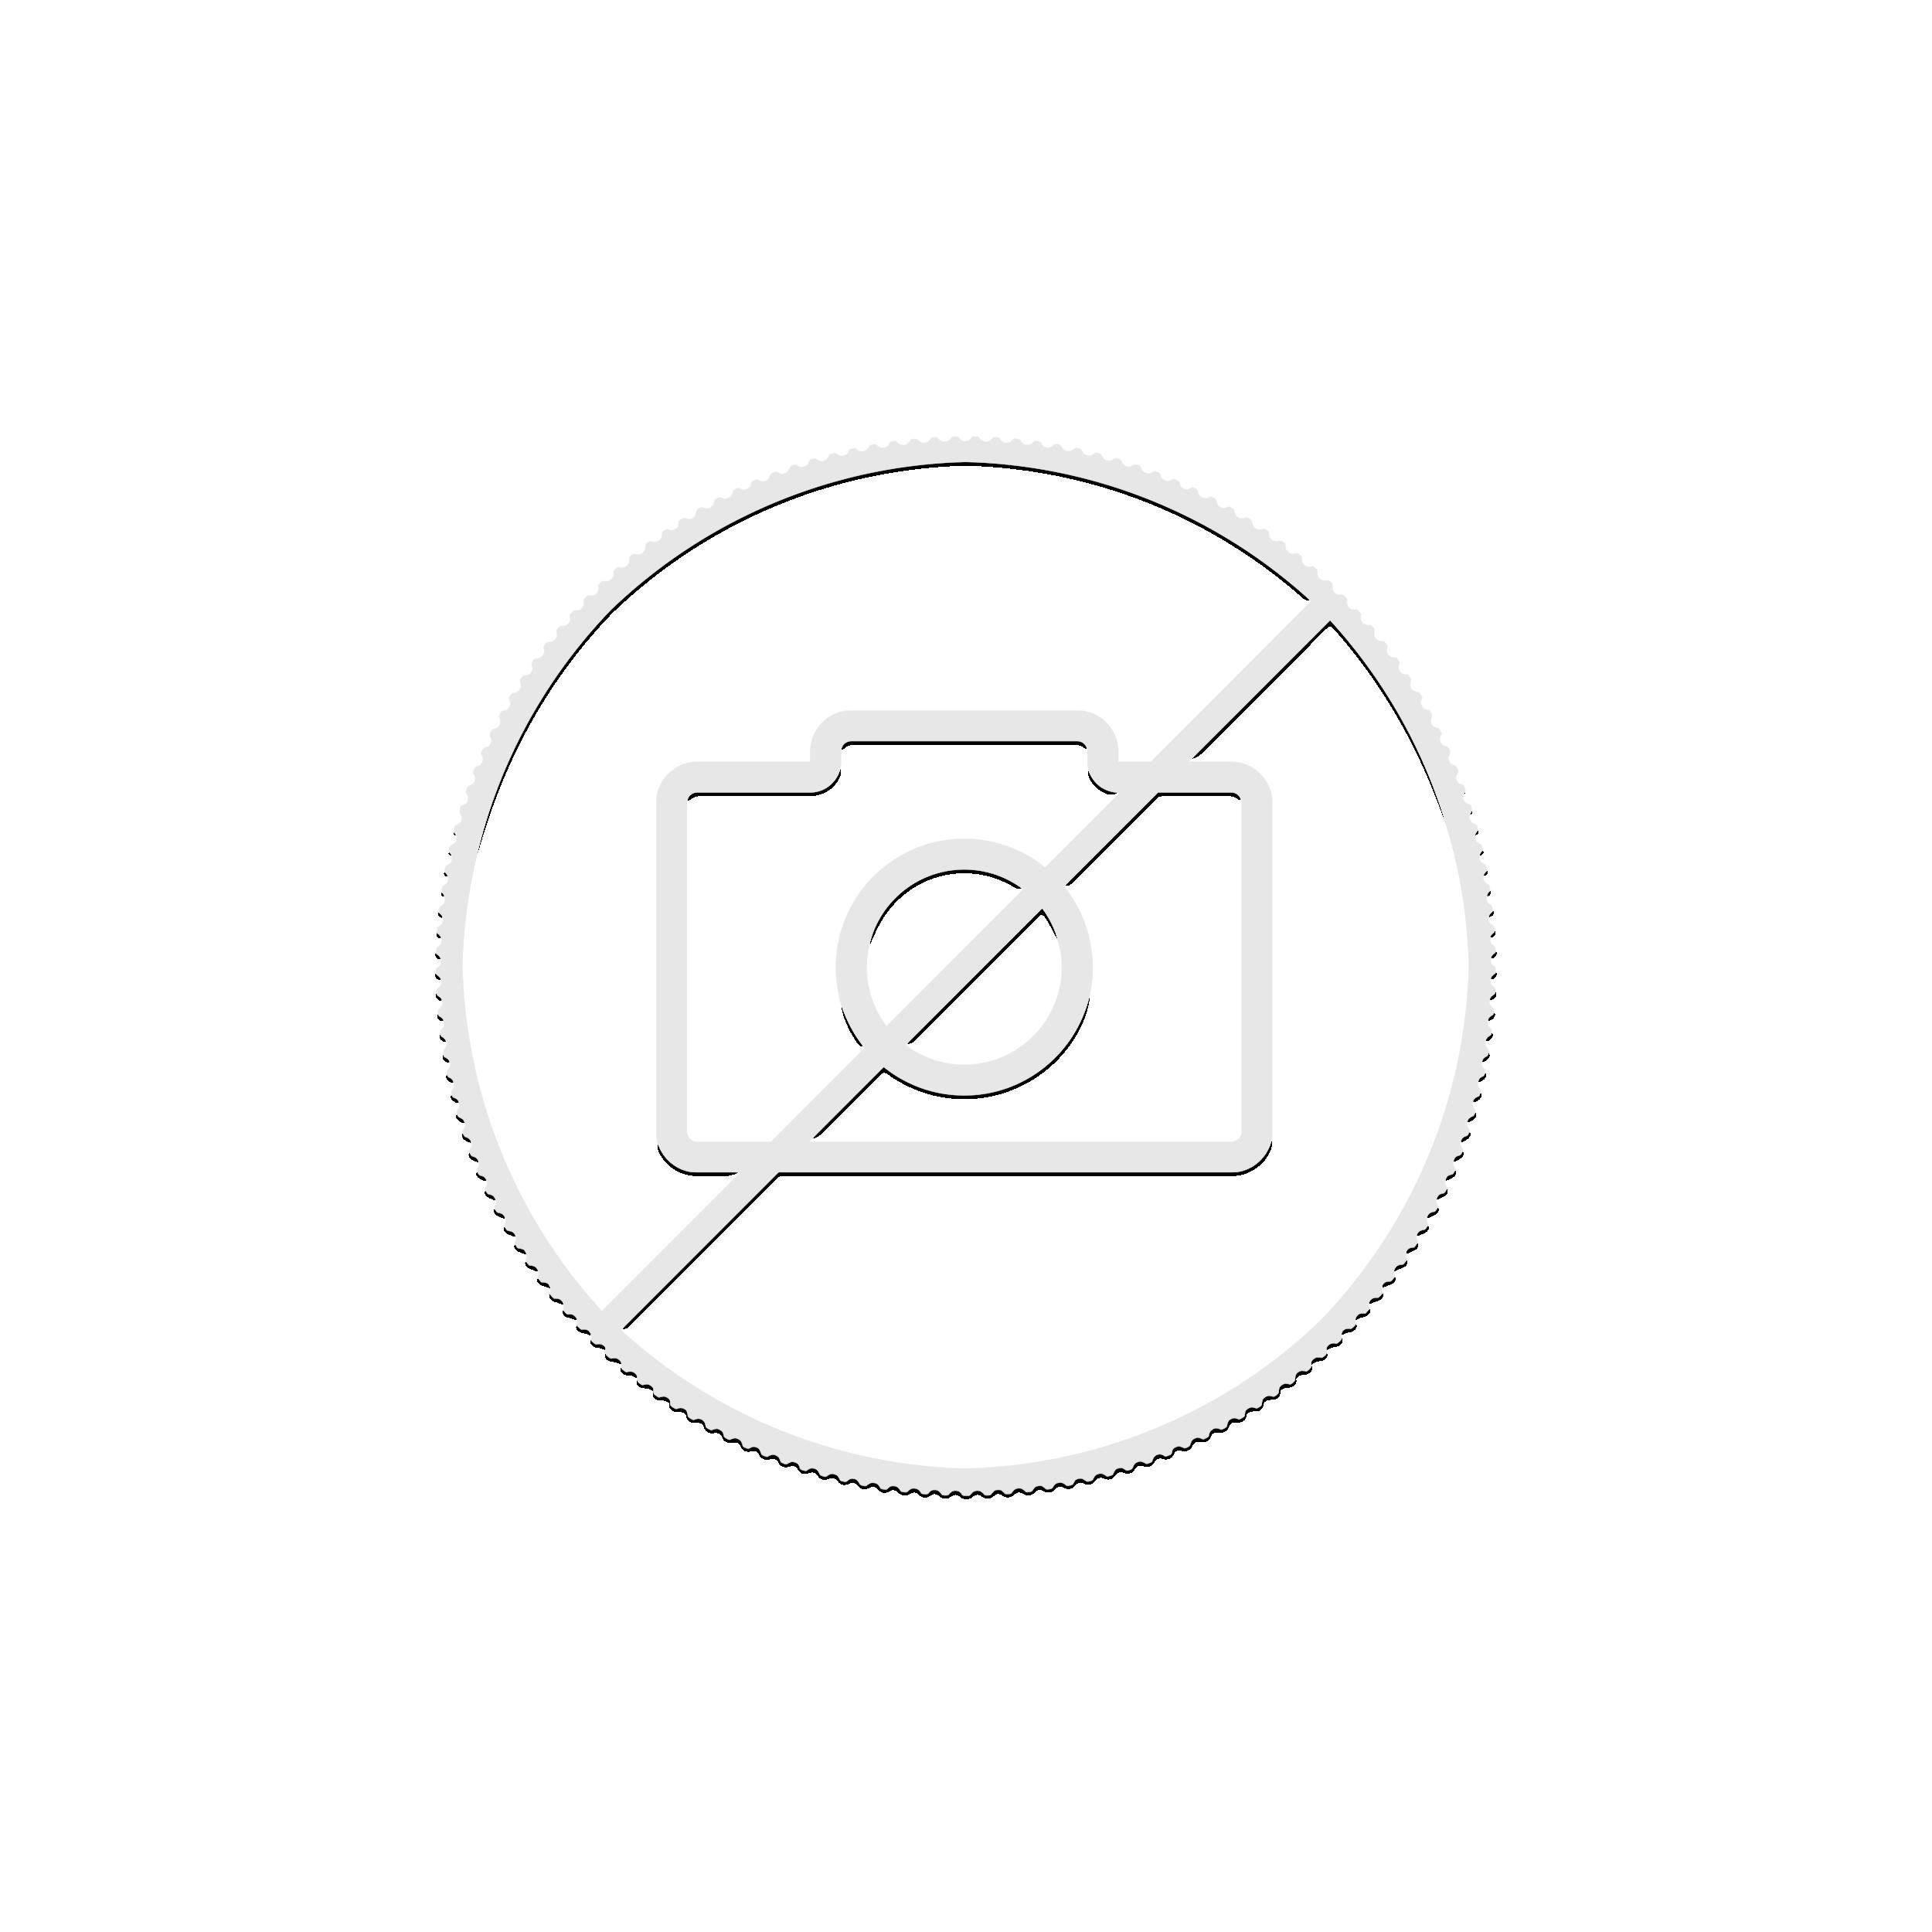 10 Troy ounce zilveren munt Kookaburra 2019